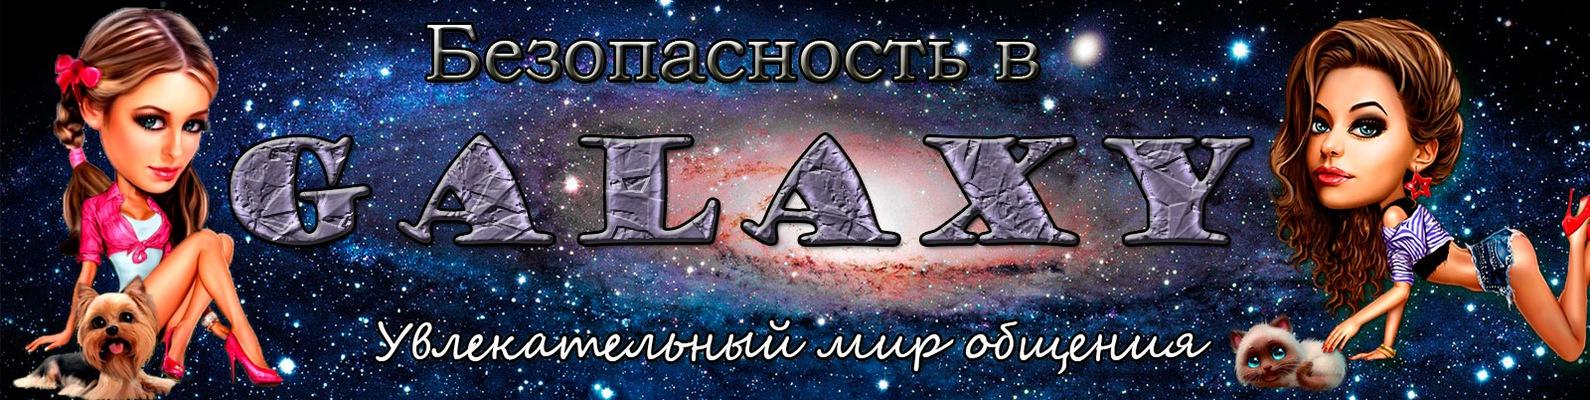 Рисунки На Галактику Знакомств